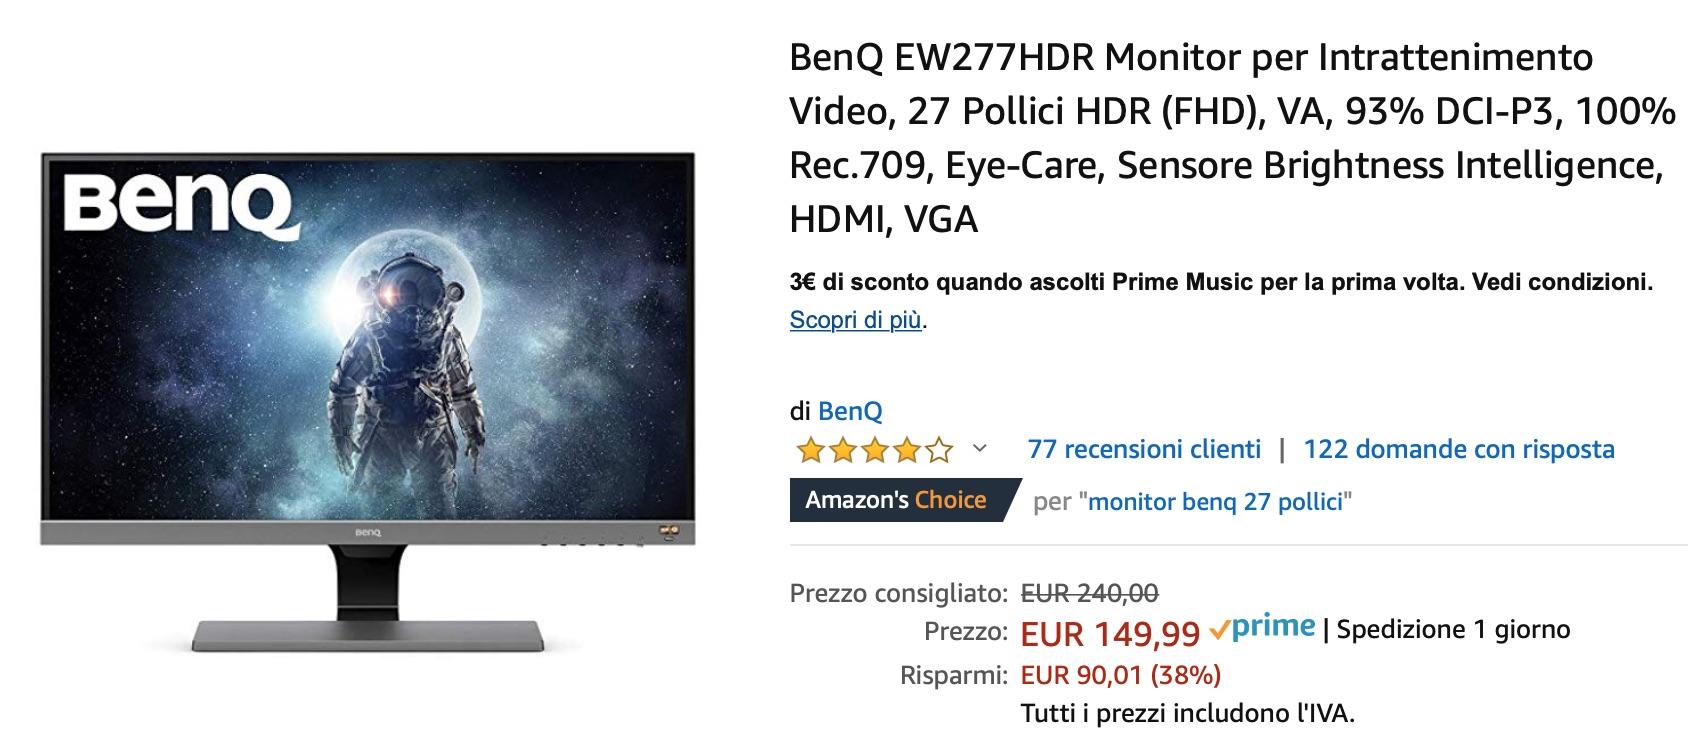 Sconto su BenQ EW277HDR, monitor 27″ HDR, ideale per Mac ed Apple TV: solo 149,99€